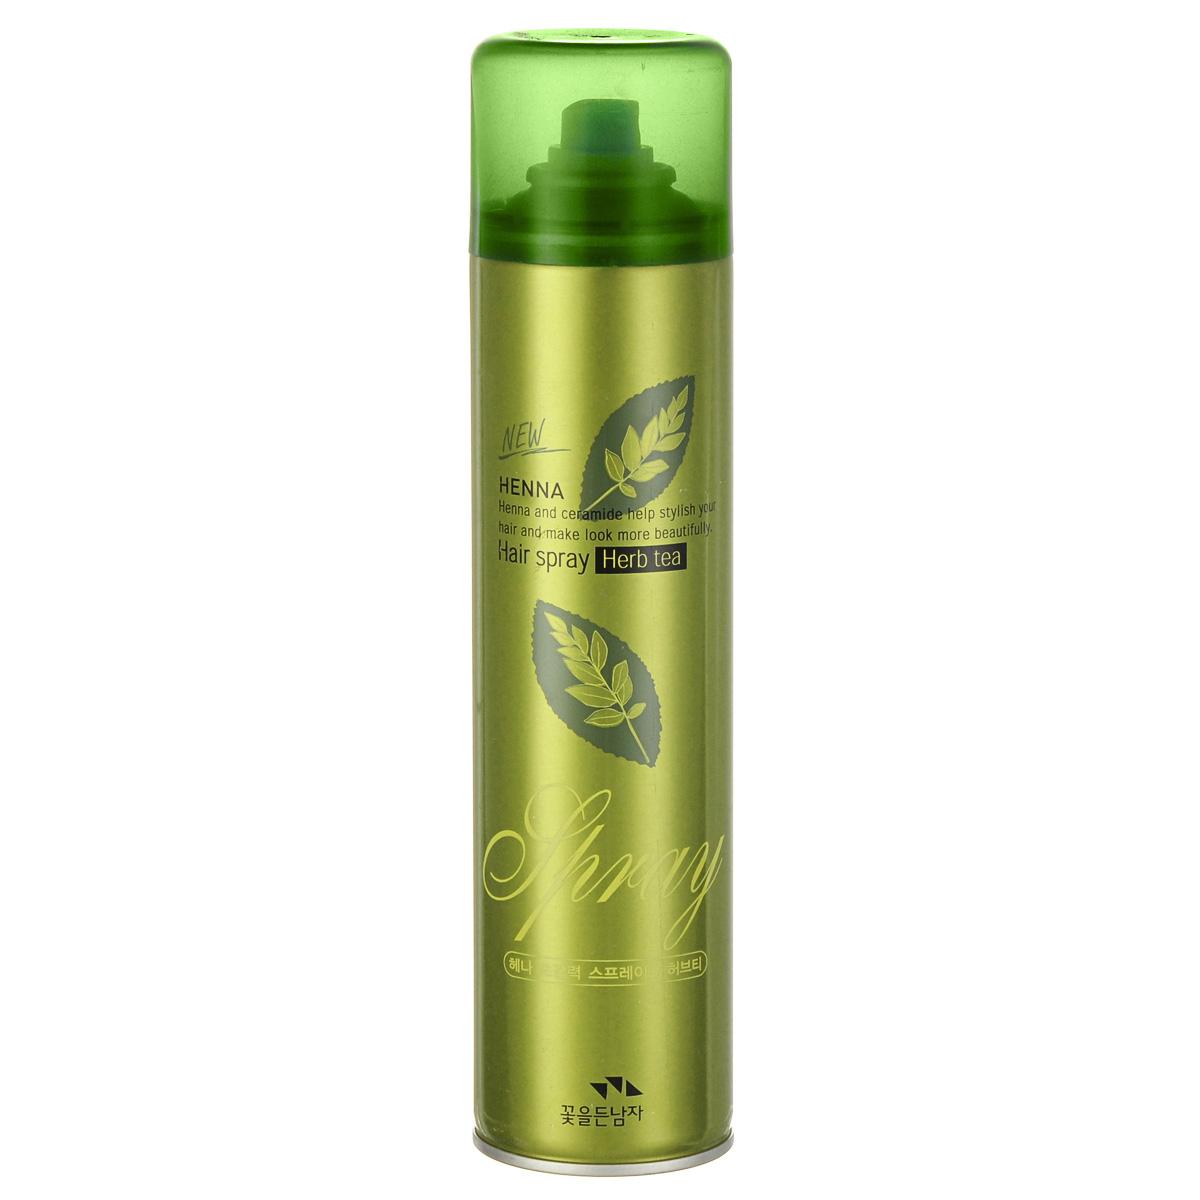 Somang Henna Лак для укладки волос, 300 млMP59.4DДлительная укладка без ощущения липкости при прикосновении. Содержит керамид и гидролизованный кератин.Хна (Henna) используется в медицине и косметологии на протяжении тысяч лет. Под воздействием содержащихся в хне веществ, сжимается и уплотняется кутикула. Бесцветная хна лечит перхоть, укрепляет корни волос, препятствуя их выпадению, и отлично кондиционирует волосы, придавая им густоту и блеск